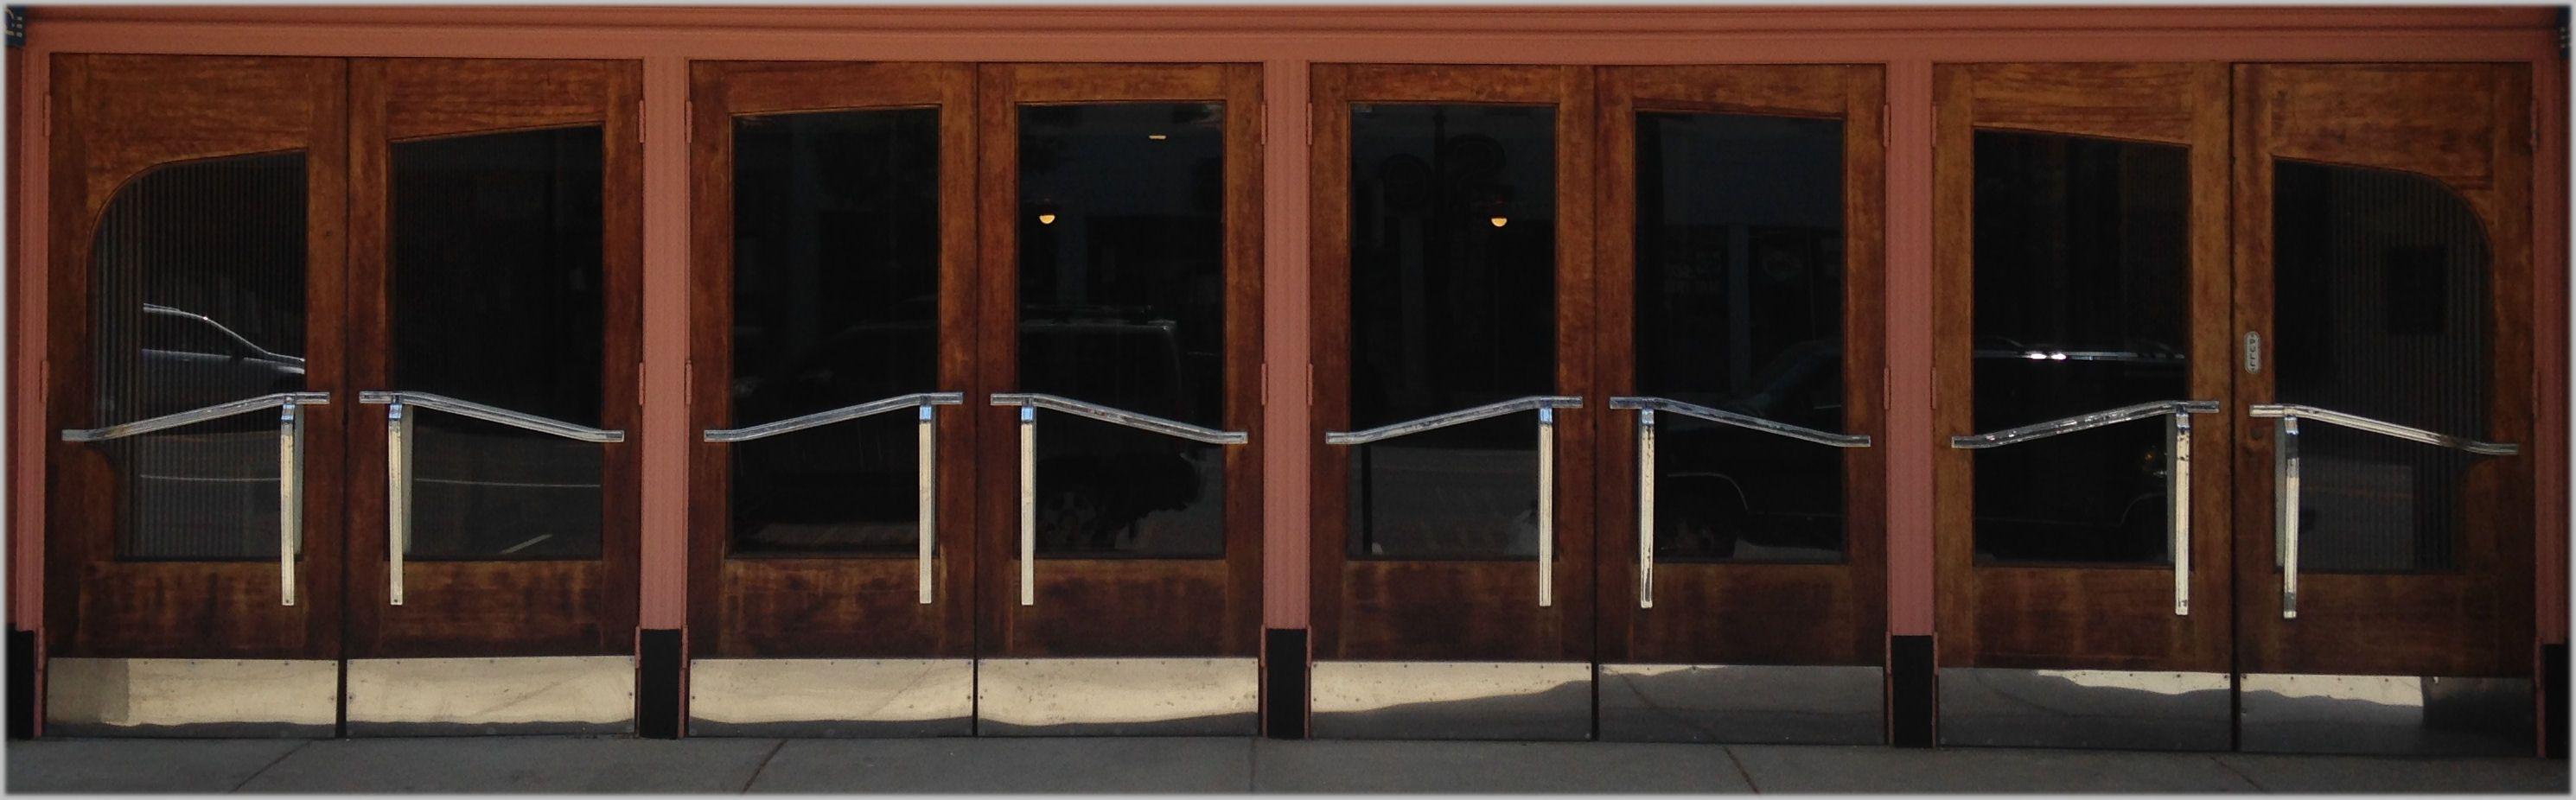 Norwalk Theatre Doors